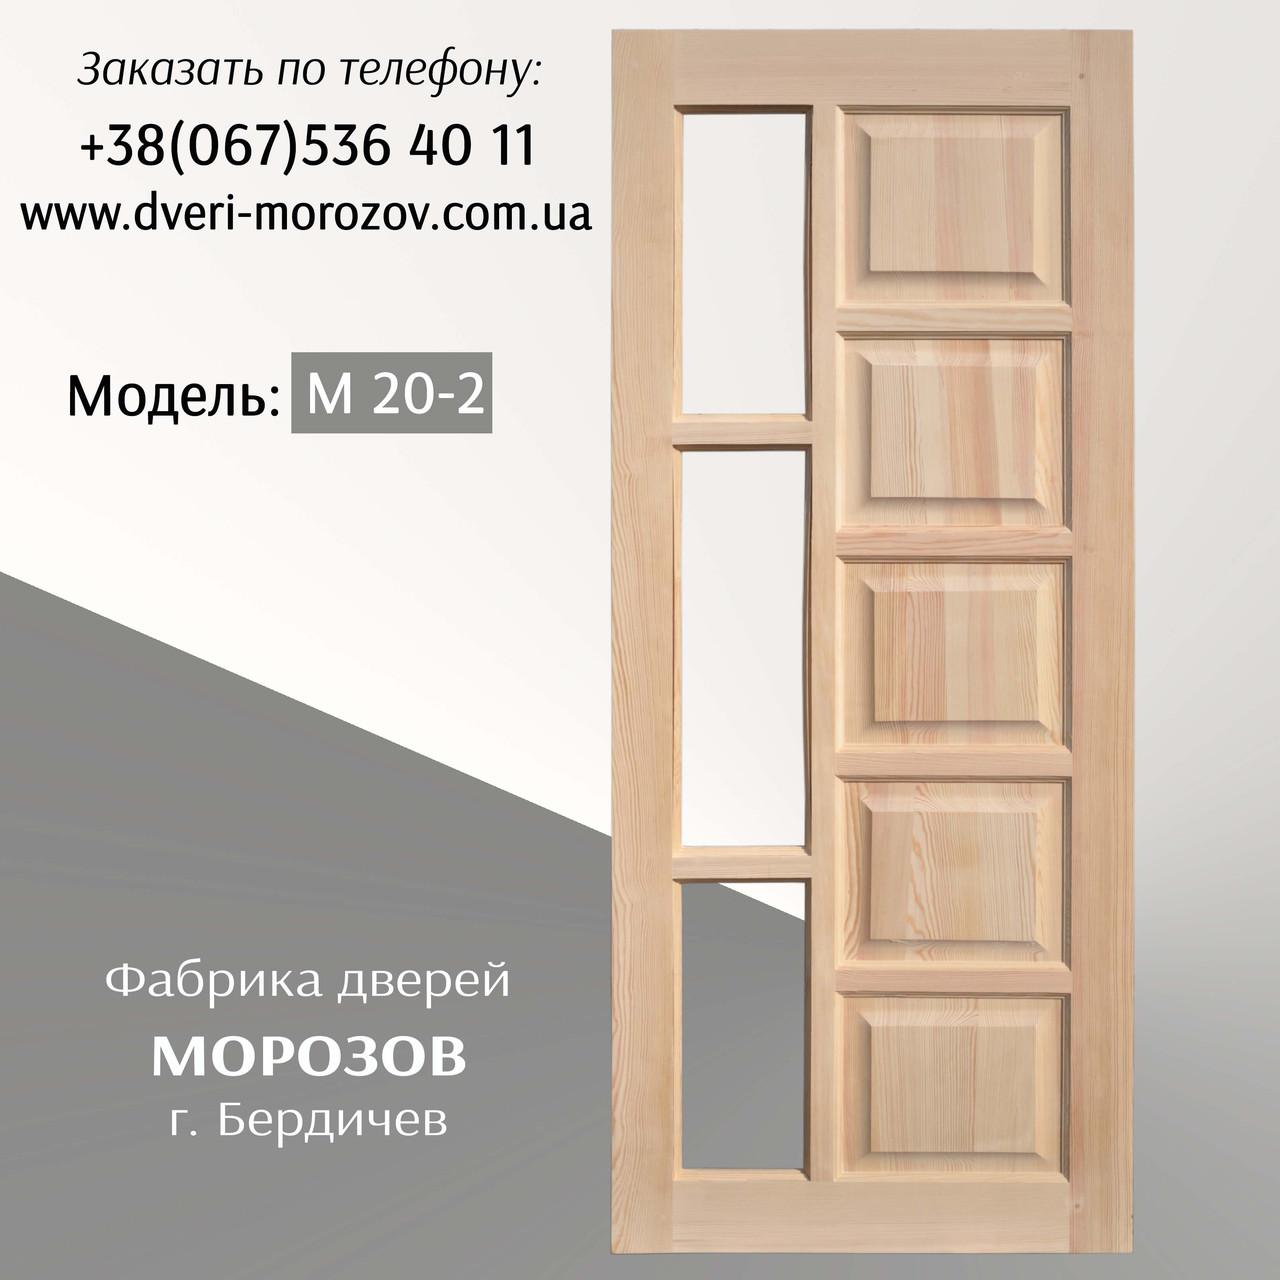 Межкомнатные двери под стекло из массива сосны - Продажа деревянных дверей собственного производства г.Бердичев - доставка по Украине в Бердичеве